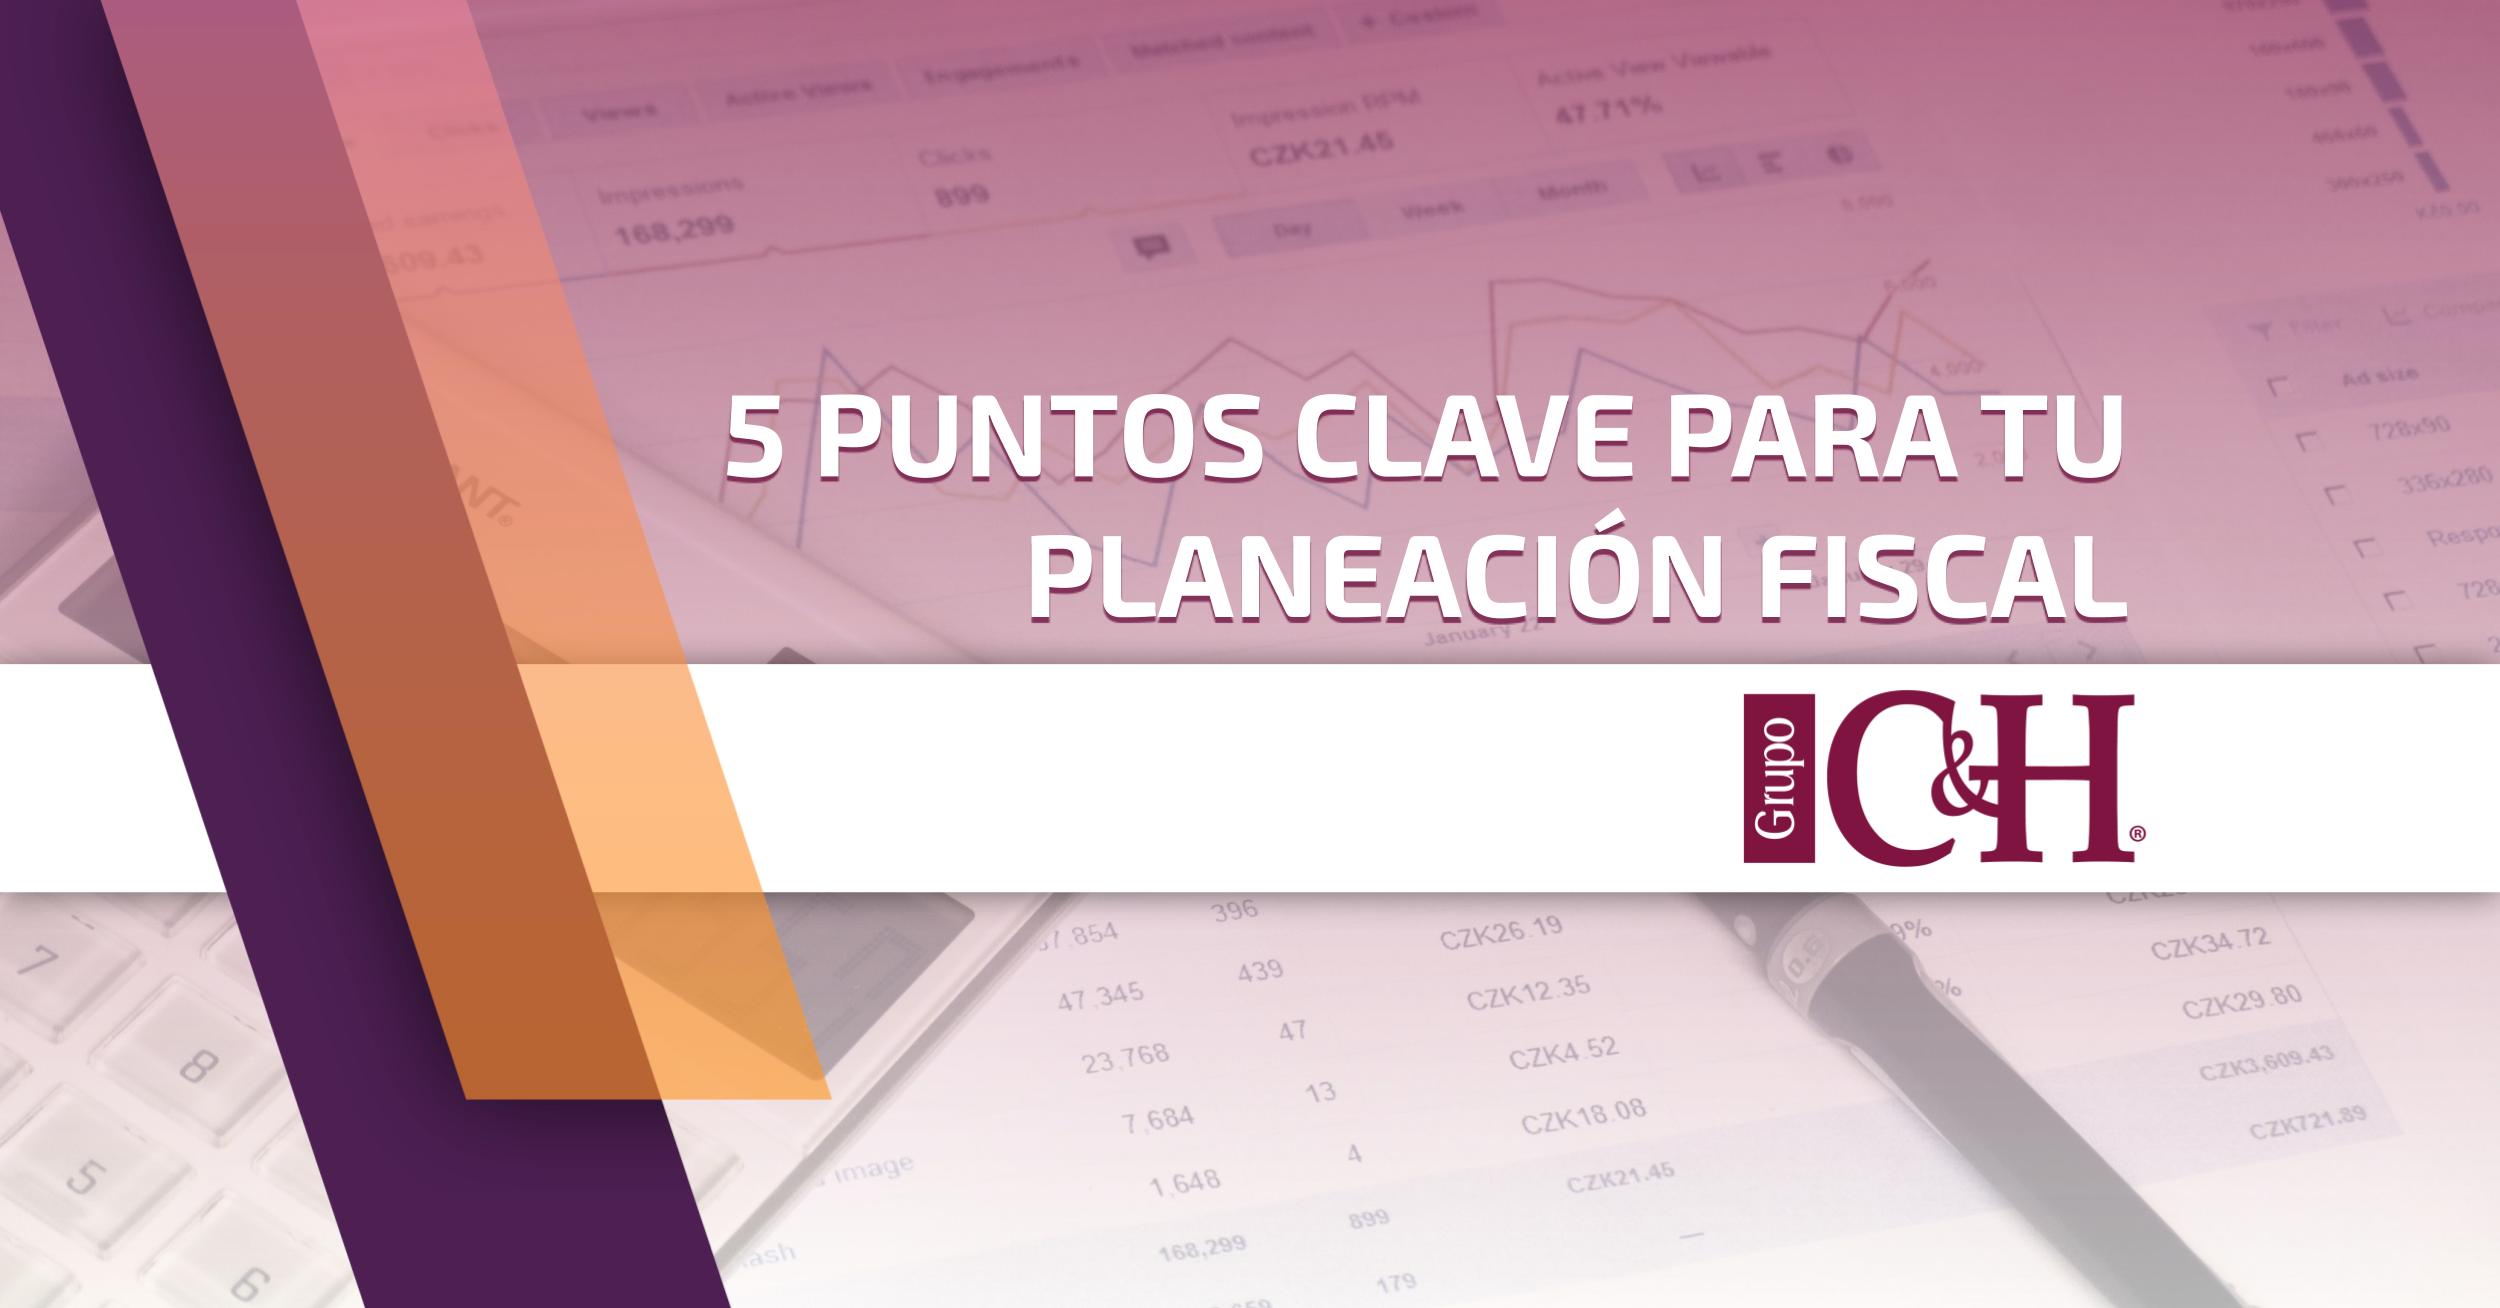 5 puntos planeacion fiscal